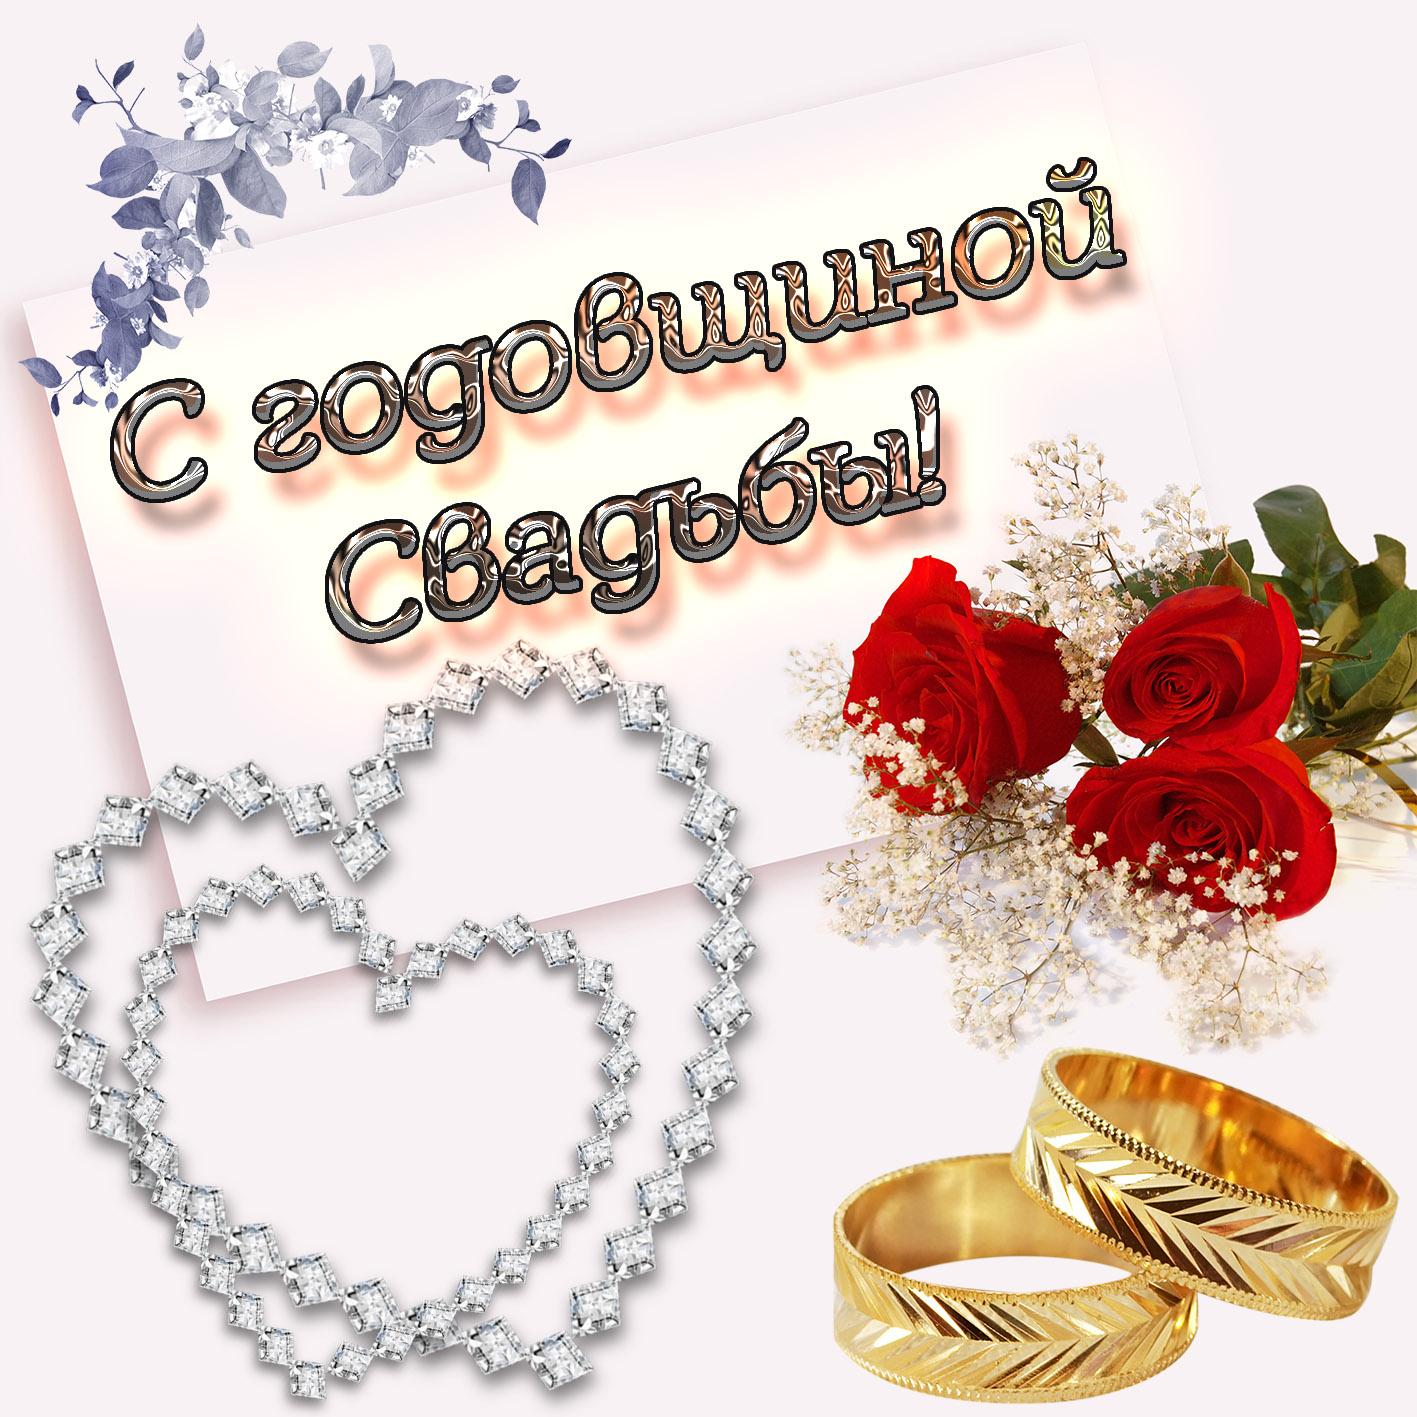 открытки с годовщиной свадьбы любимому мужчине центр